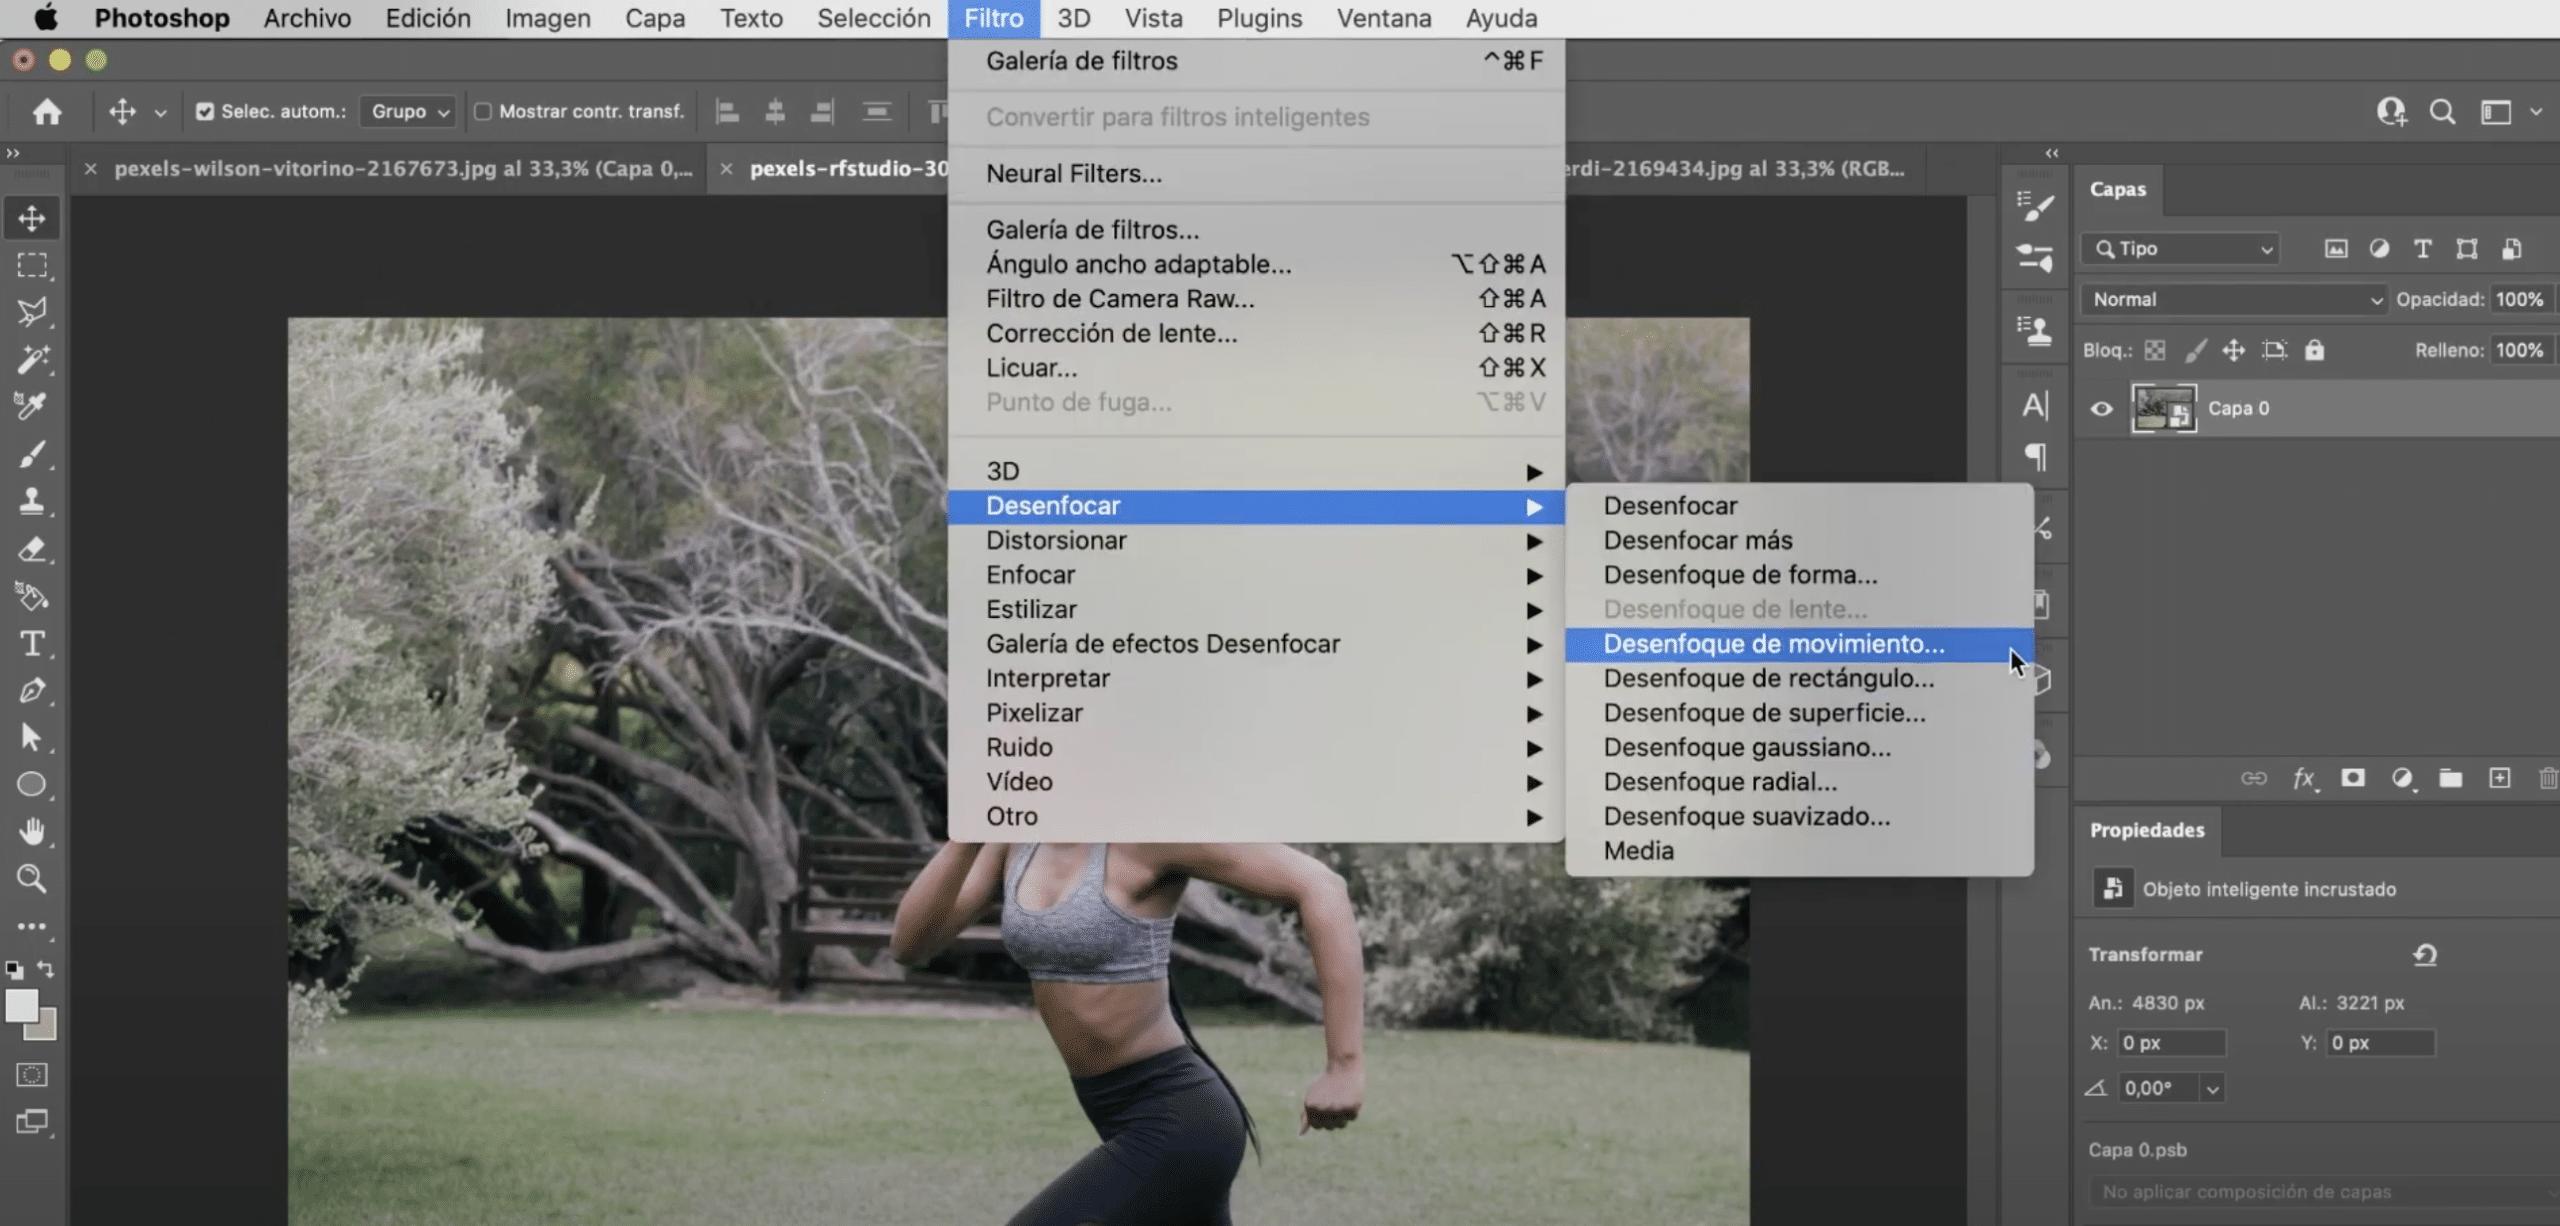 aplicar filtro inteligente de desenfoque en Photoshop